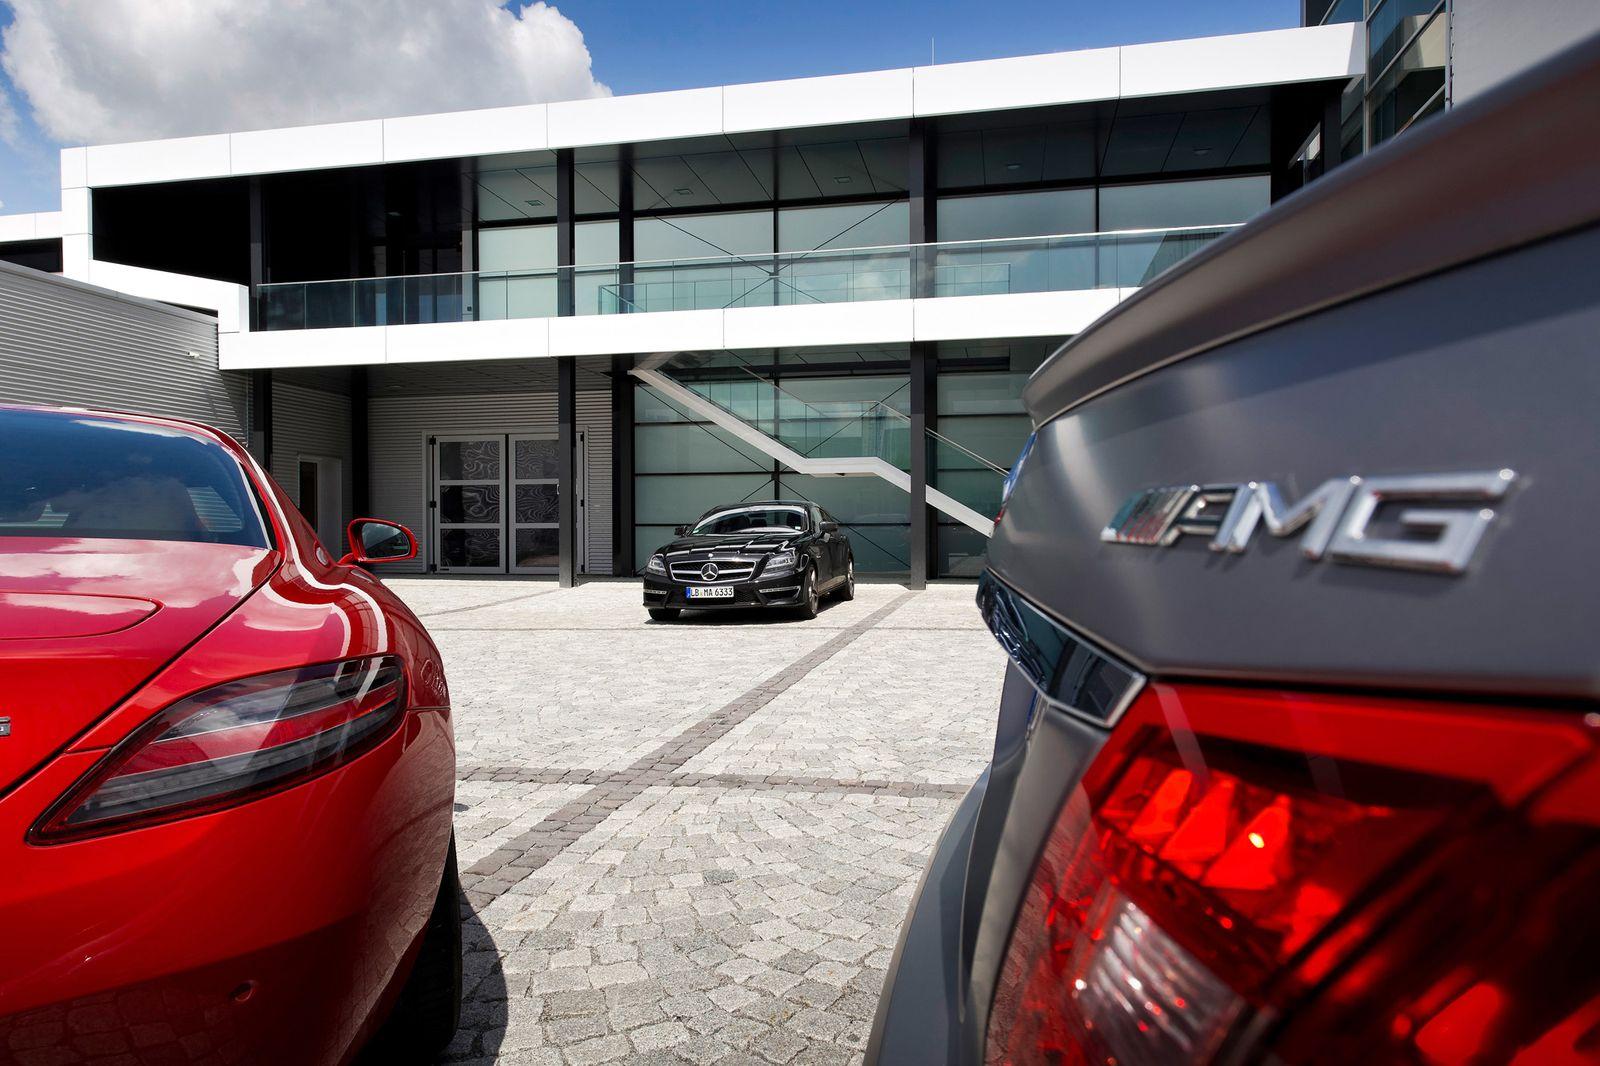 AMG / Daimler